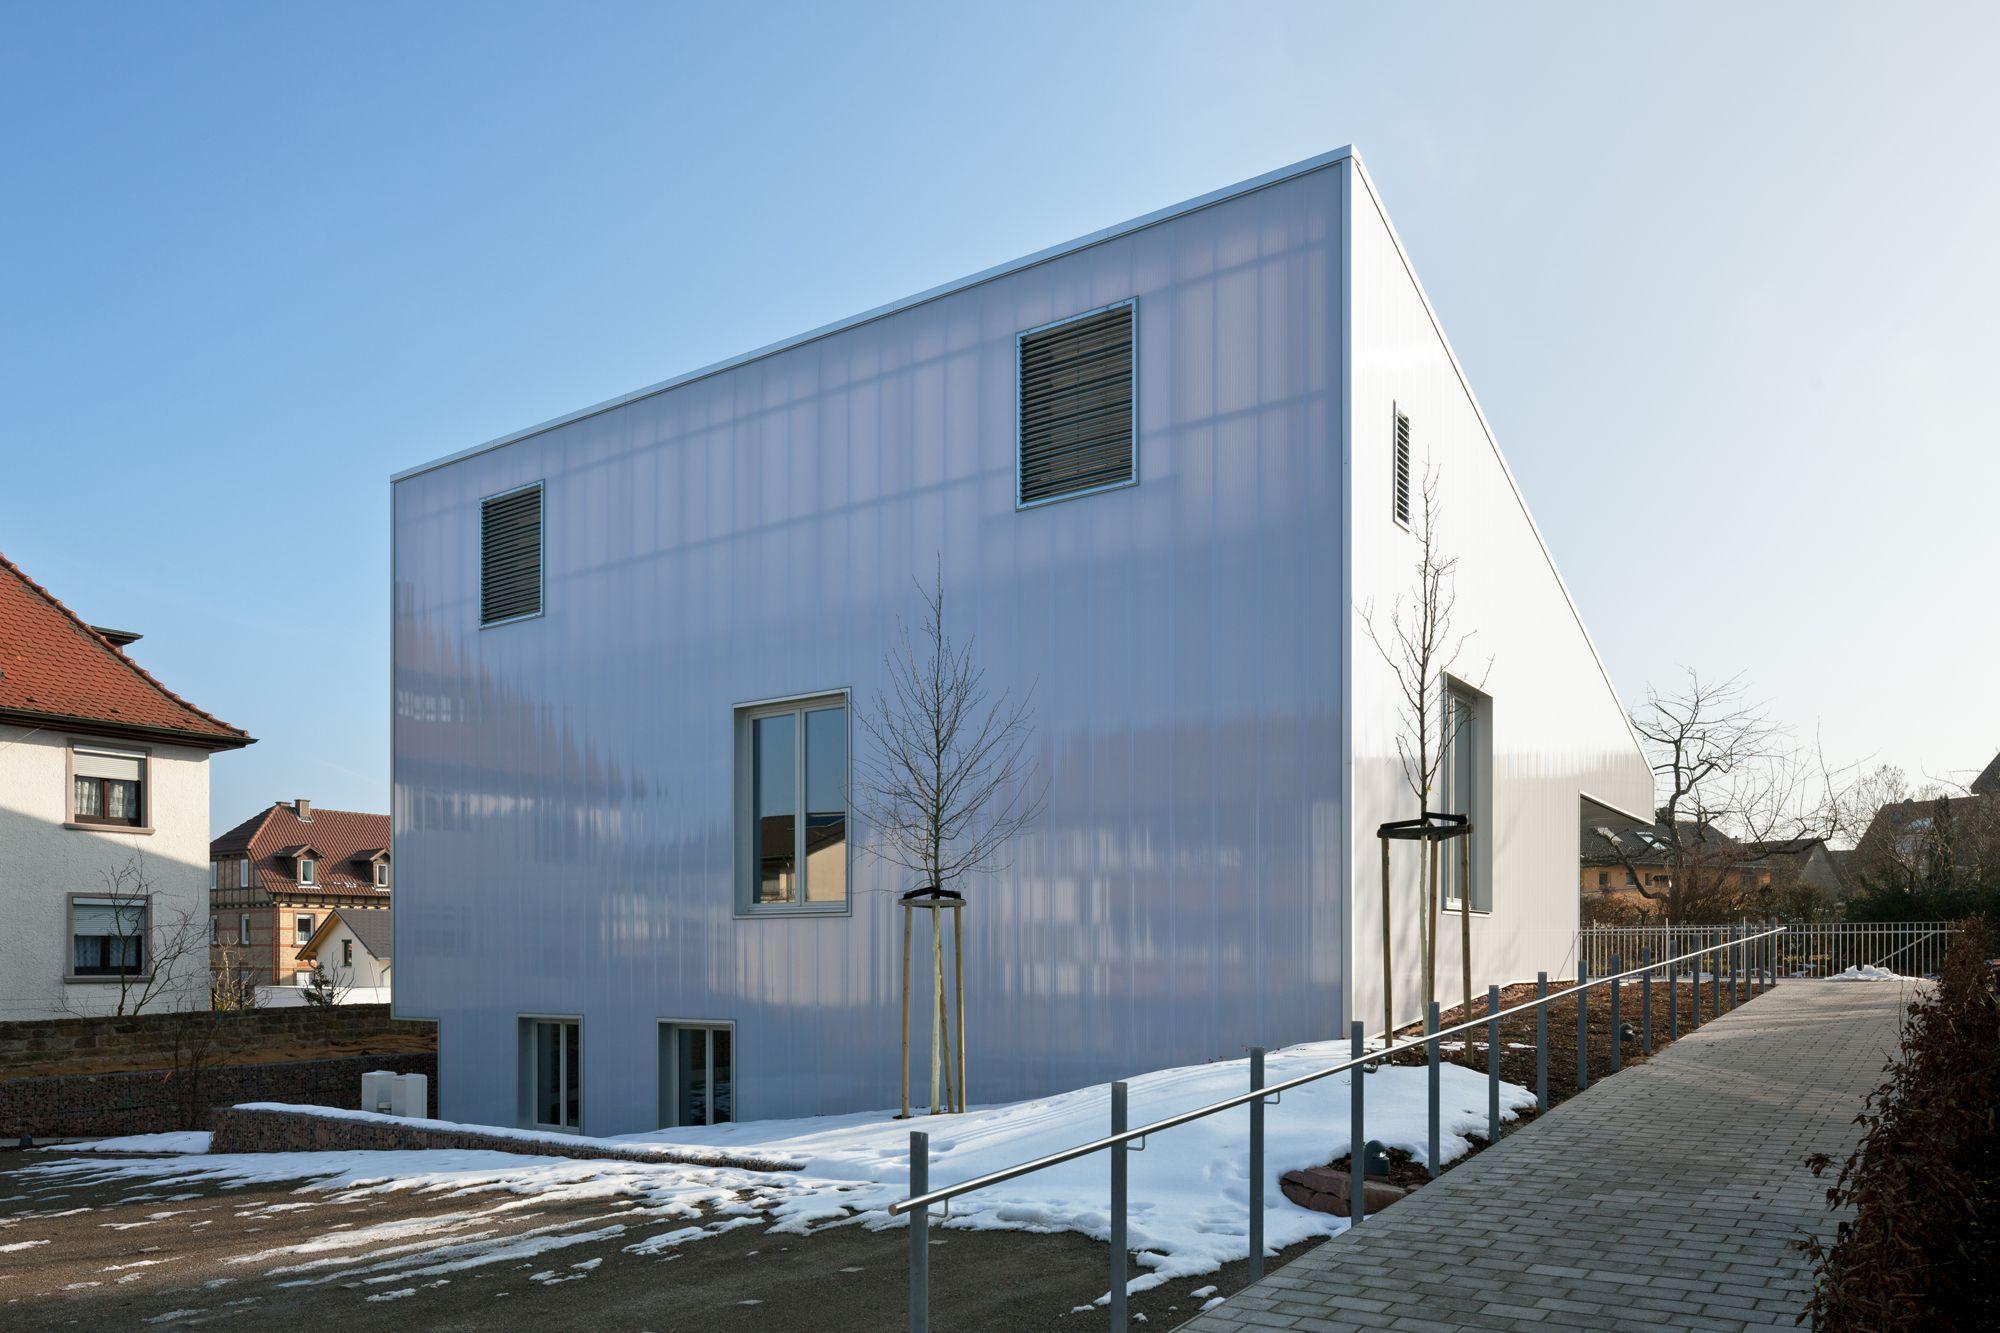 aag loebnersch ferweber bda heidelberg architekten. Black Bedroom Furniture Sets. Home Design Ideas